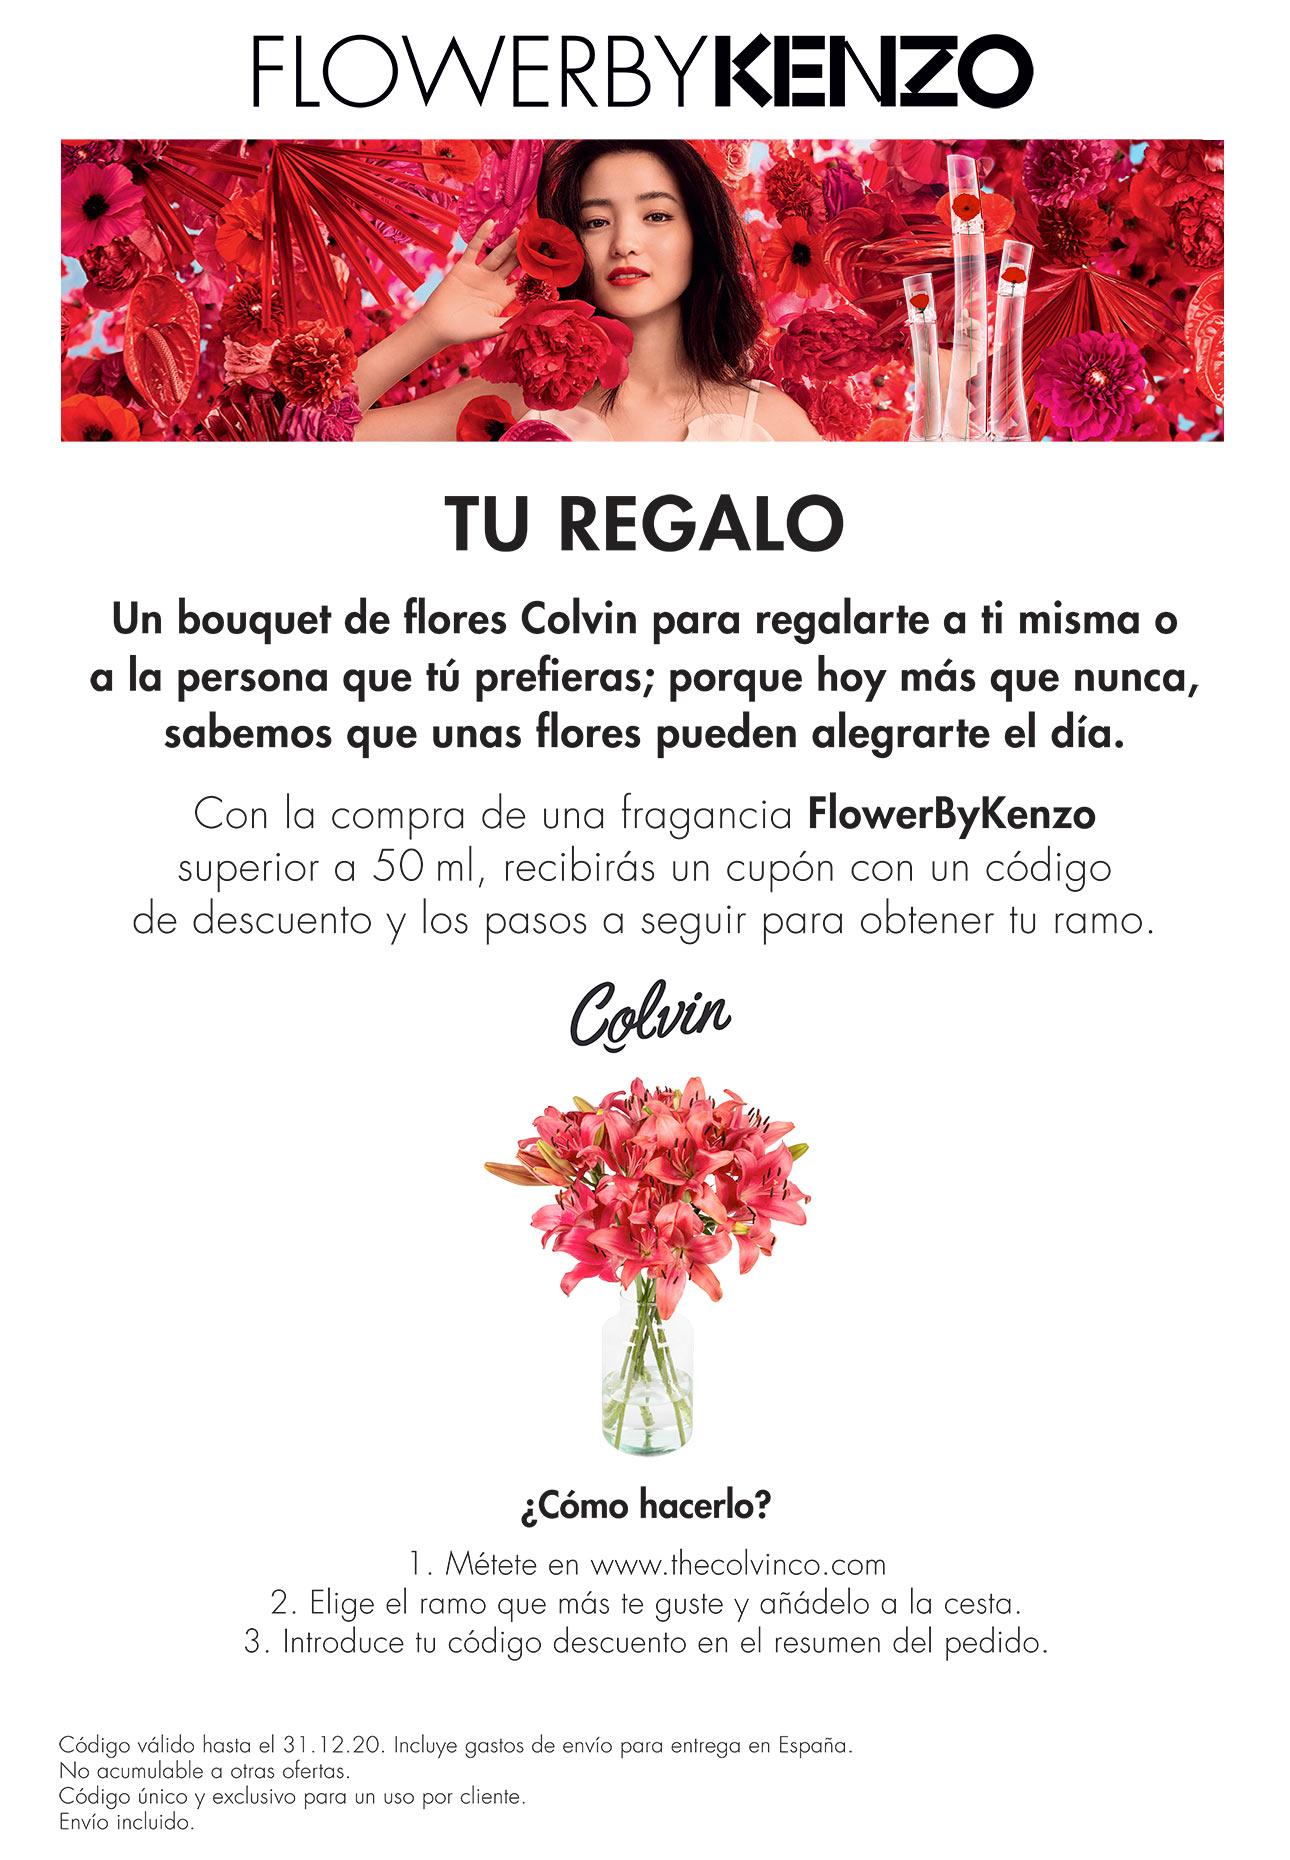 FlowerbyKenzo bouquet de flores Colvin